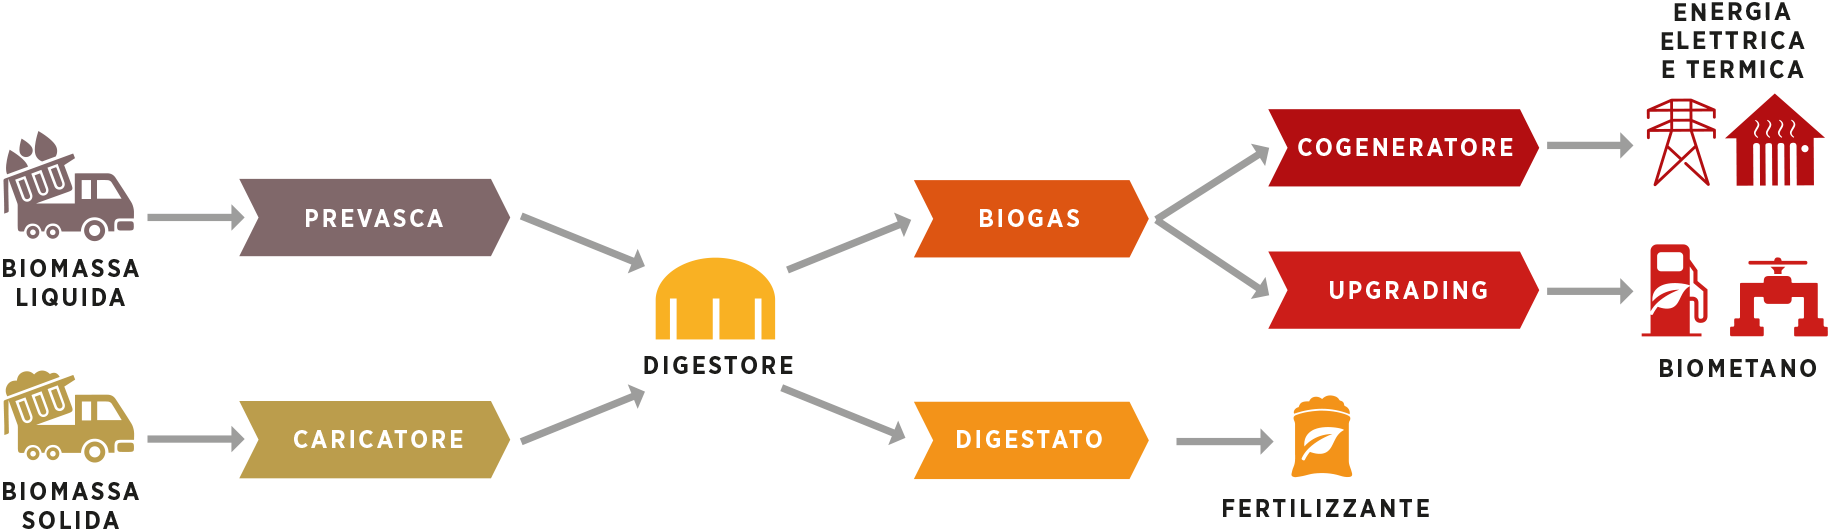 Tecnologia biogas